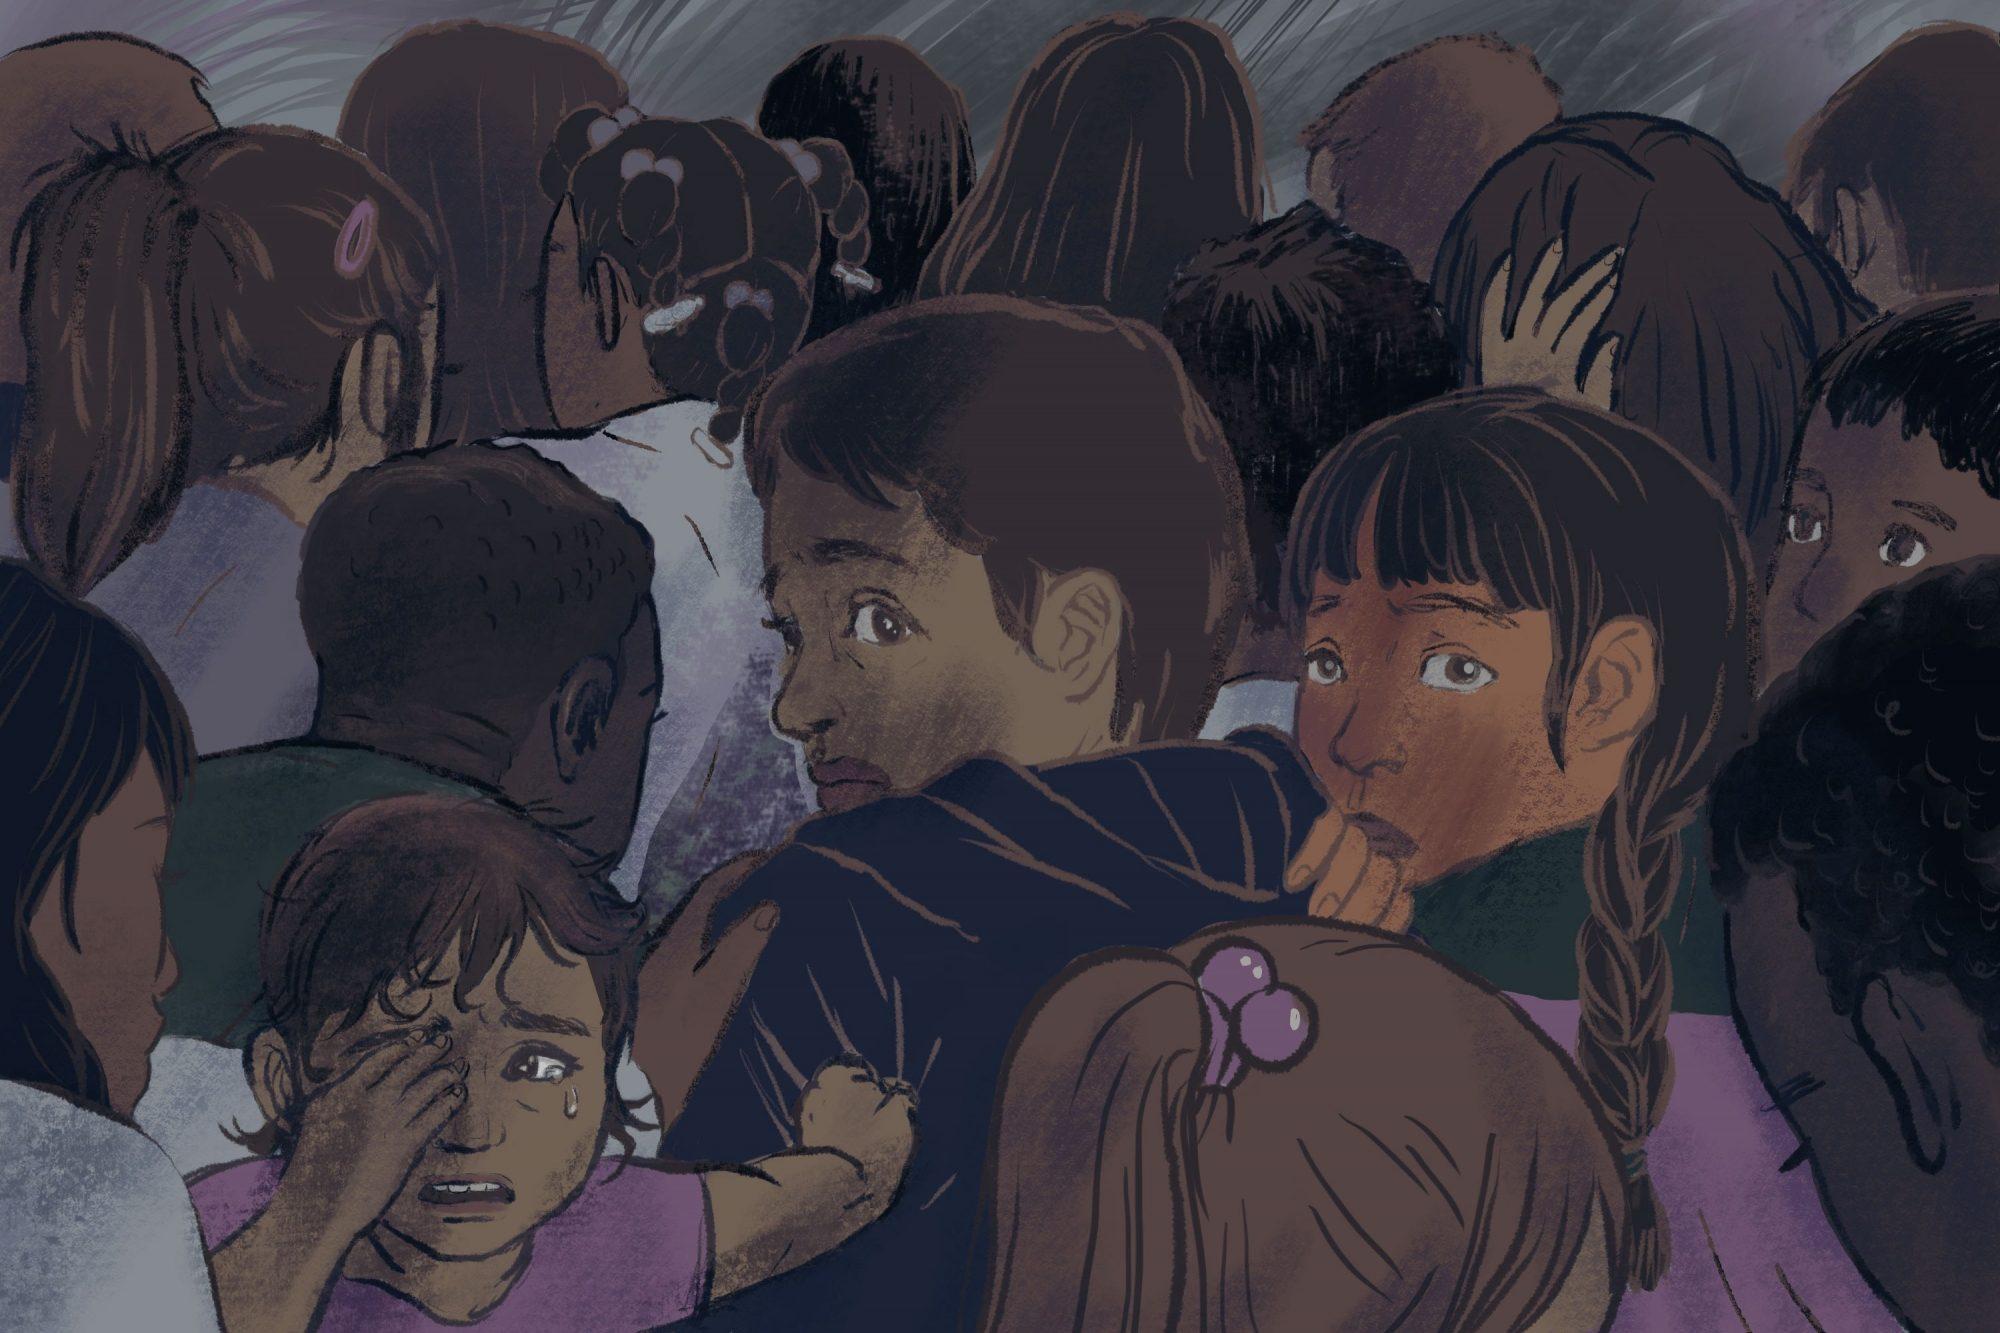 Inmigrantes Menores Enviados a Albergues de Chicago Están Traumatizados y Enfermos, a veces con Varicela o Tuberculosis